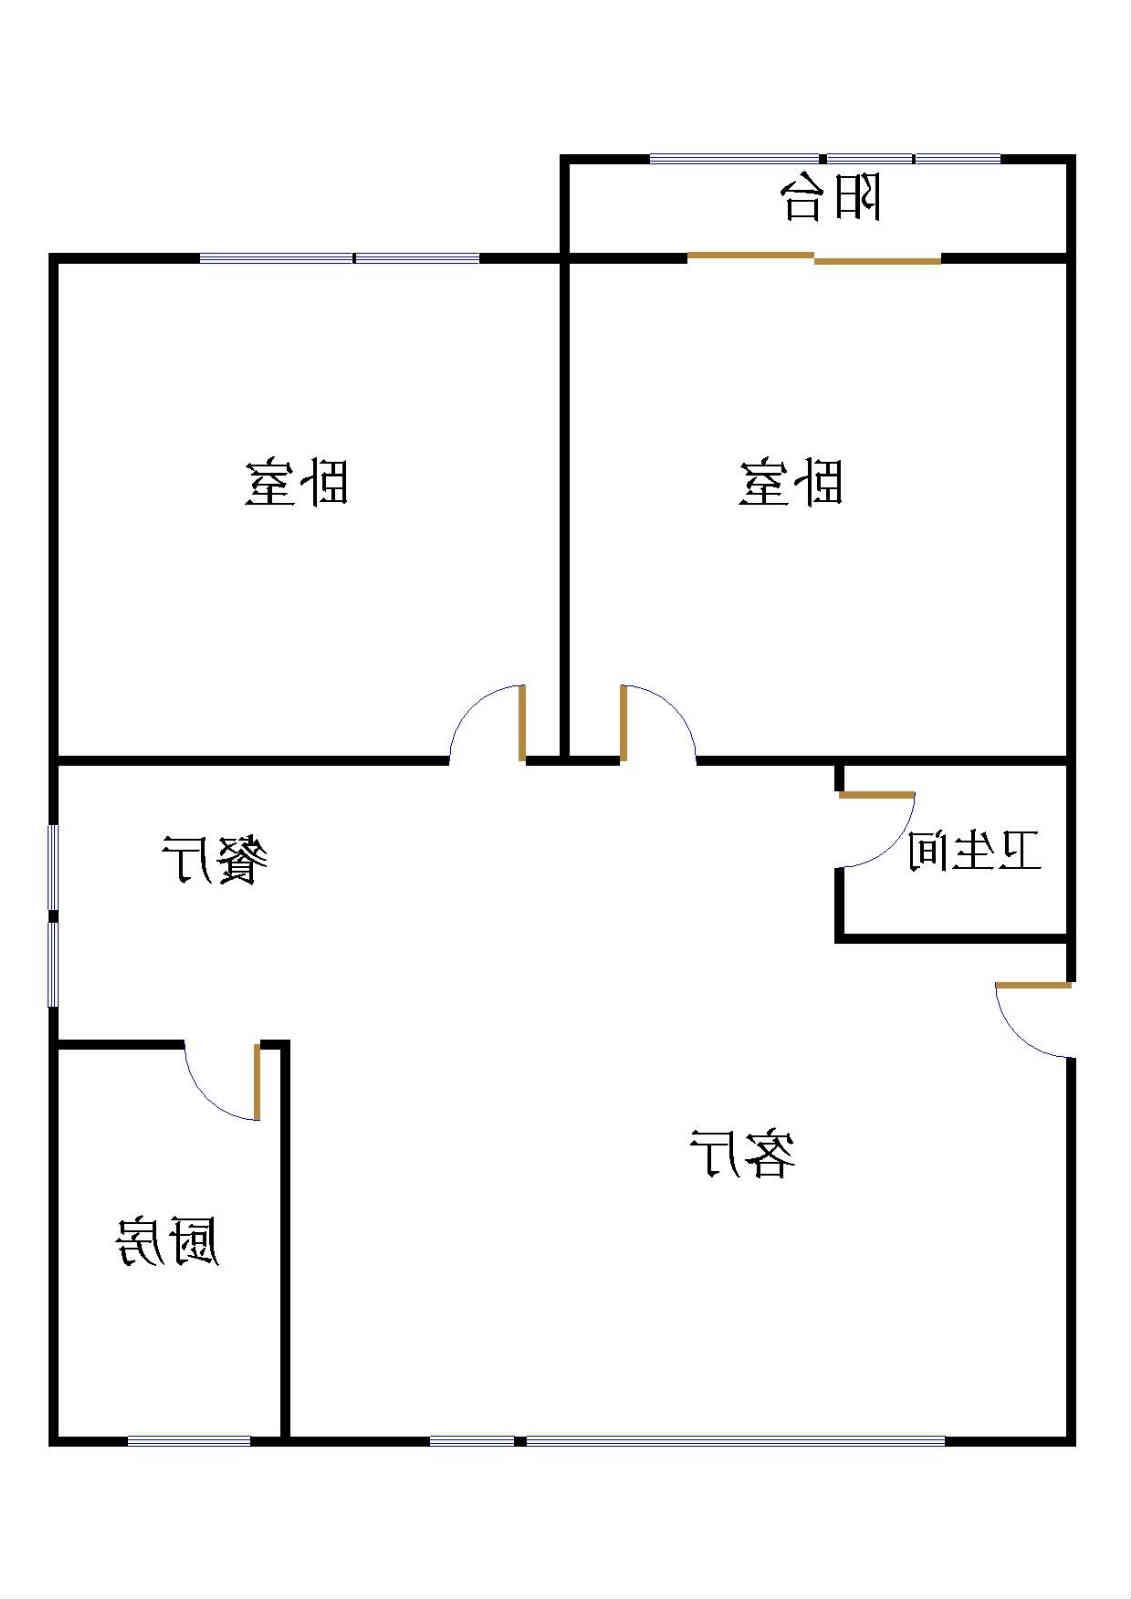 盛和景园 2室2厅 1楼